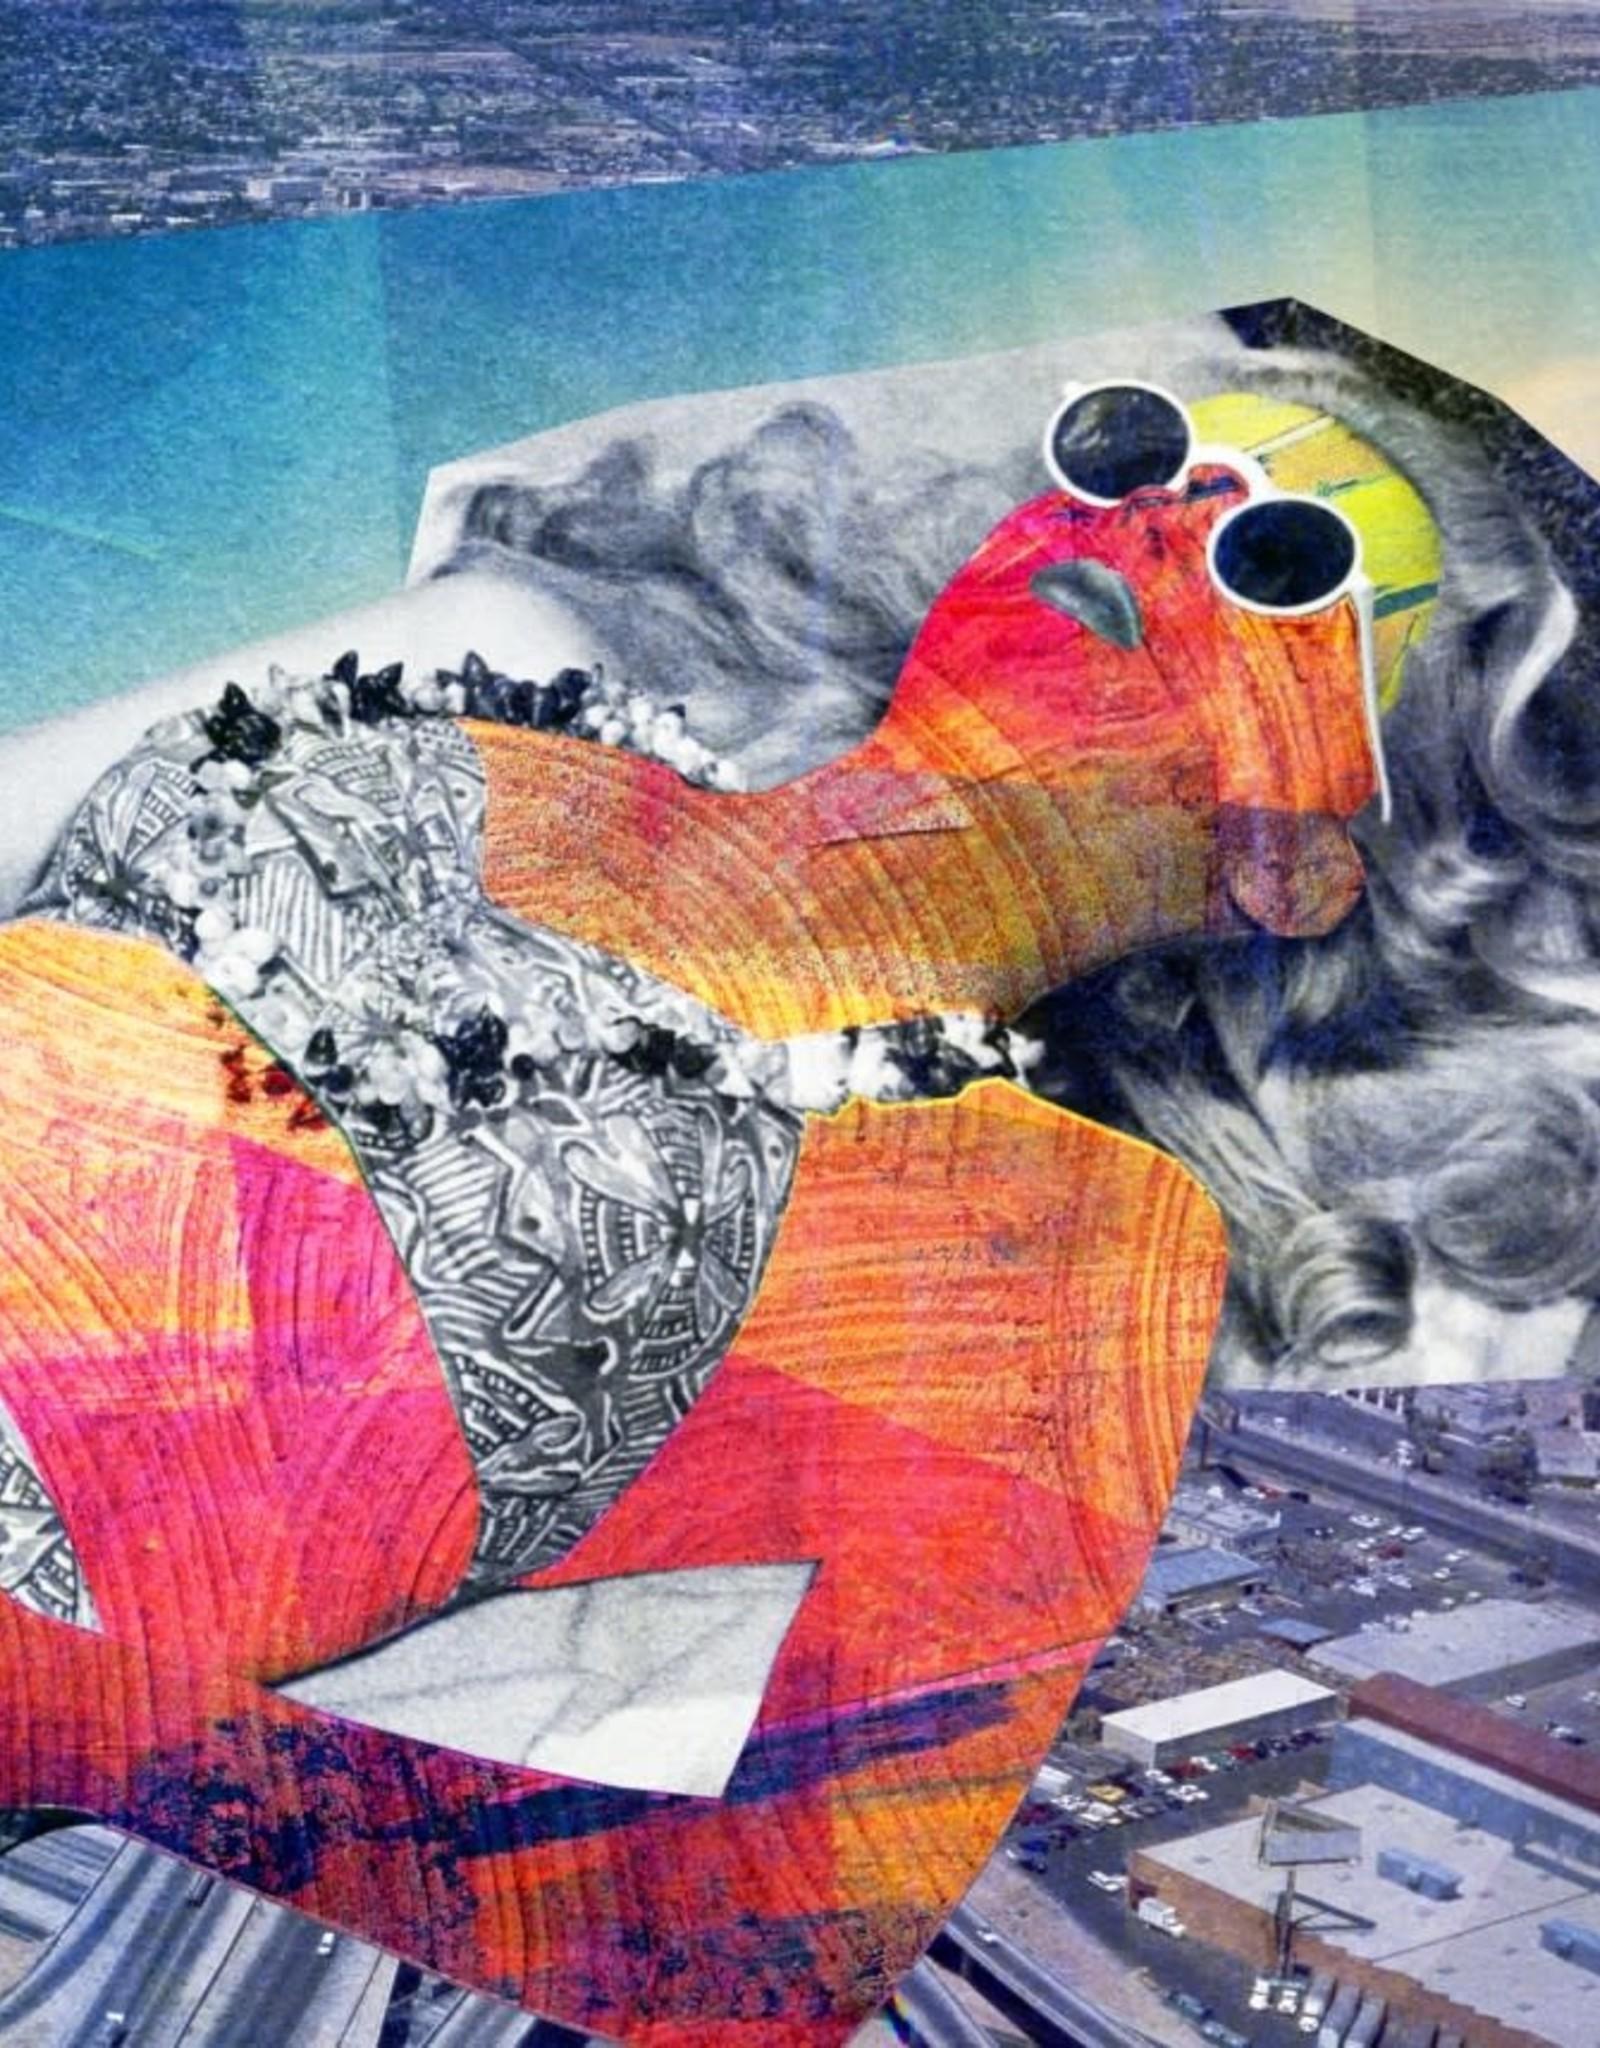 DRÉA Collage Affiche 11X14 Coup de soleil Dréa Collage